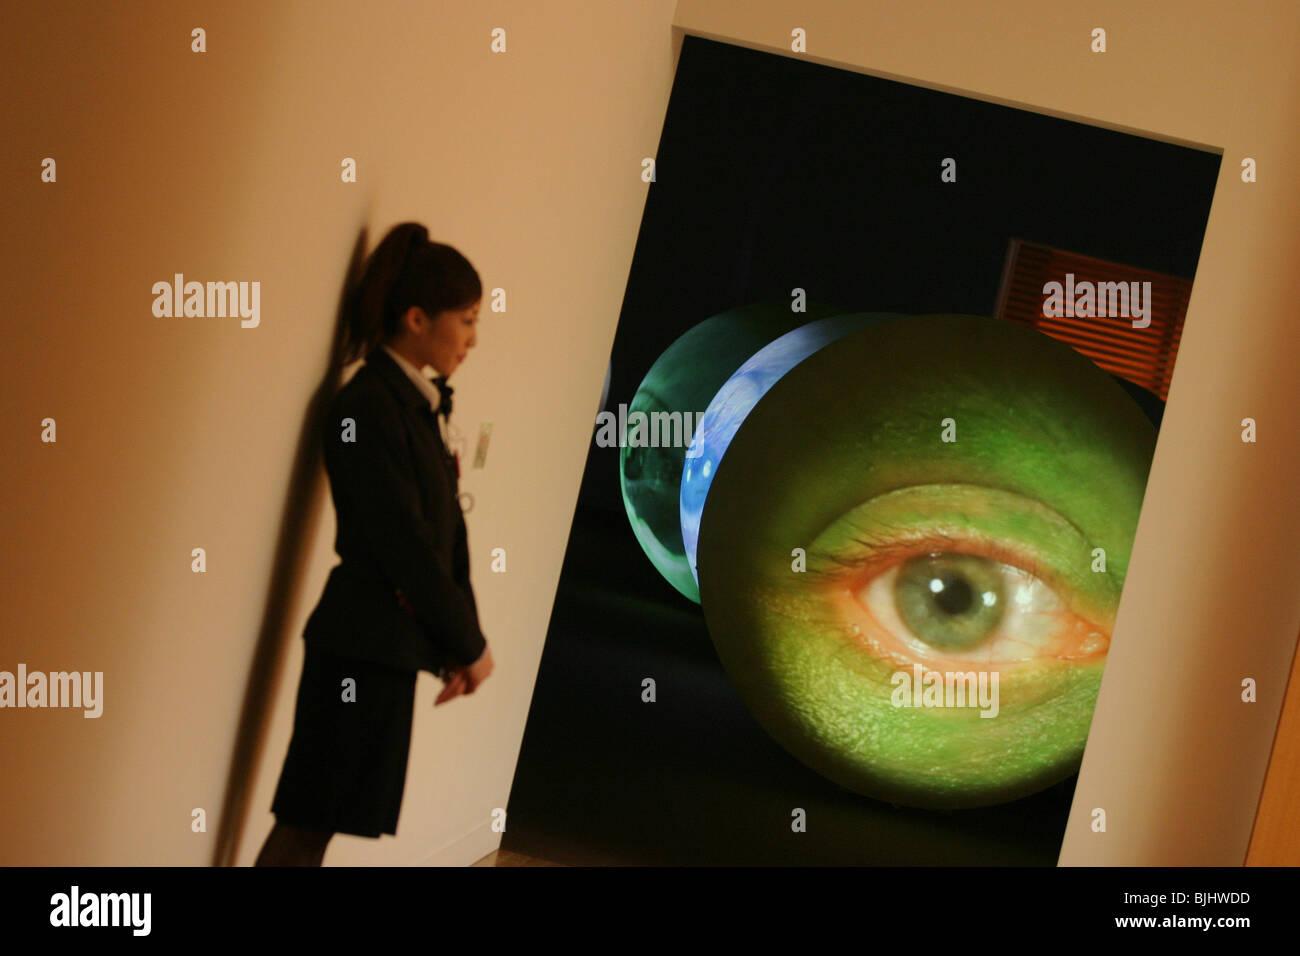 'Fondation Cartier pour l'art contemporain' exhibition at museum of contemporary Art, Tokyo, Japan - Stock Image